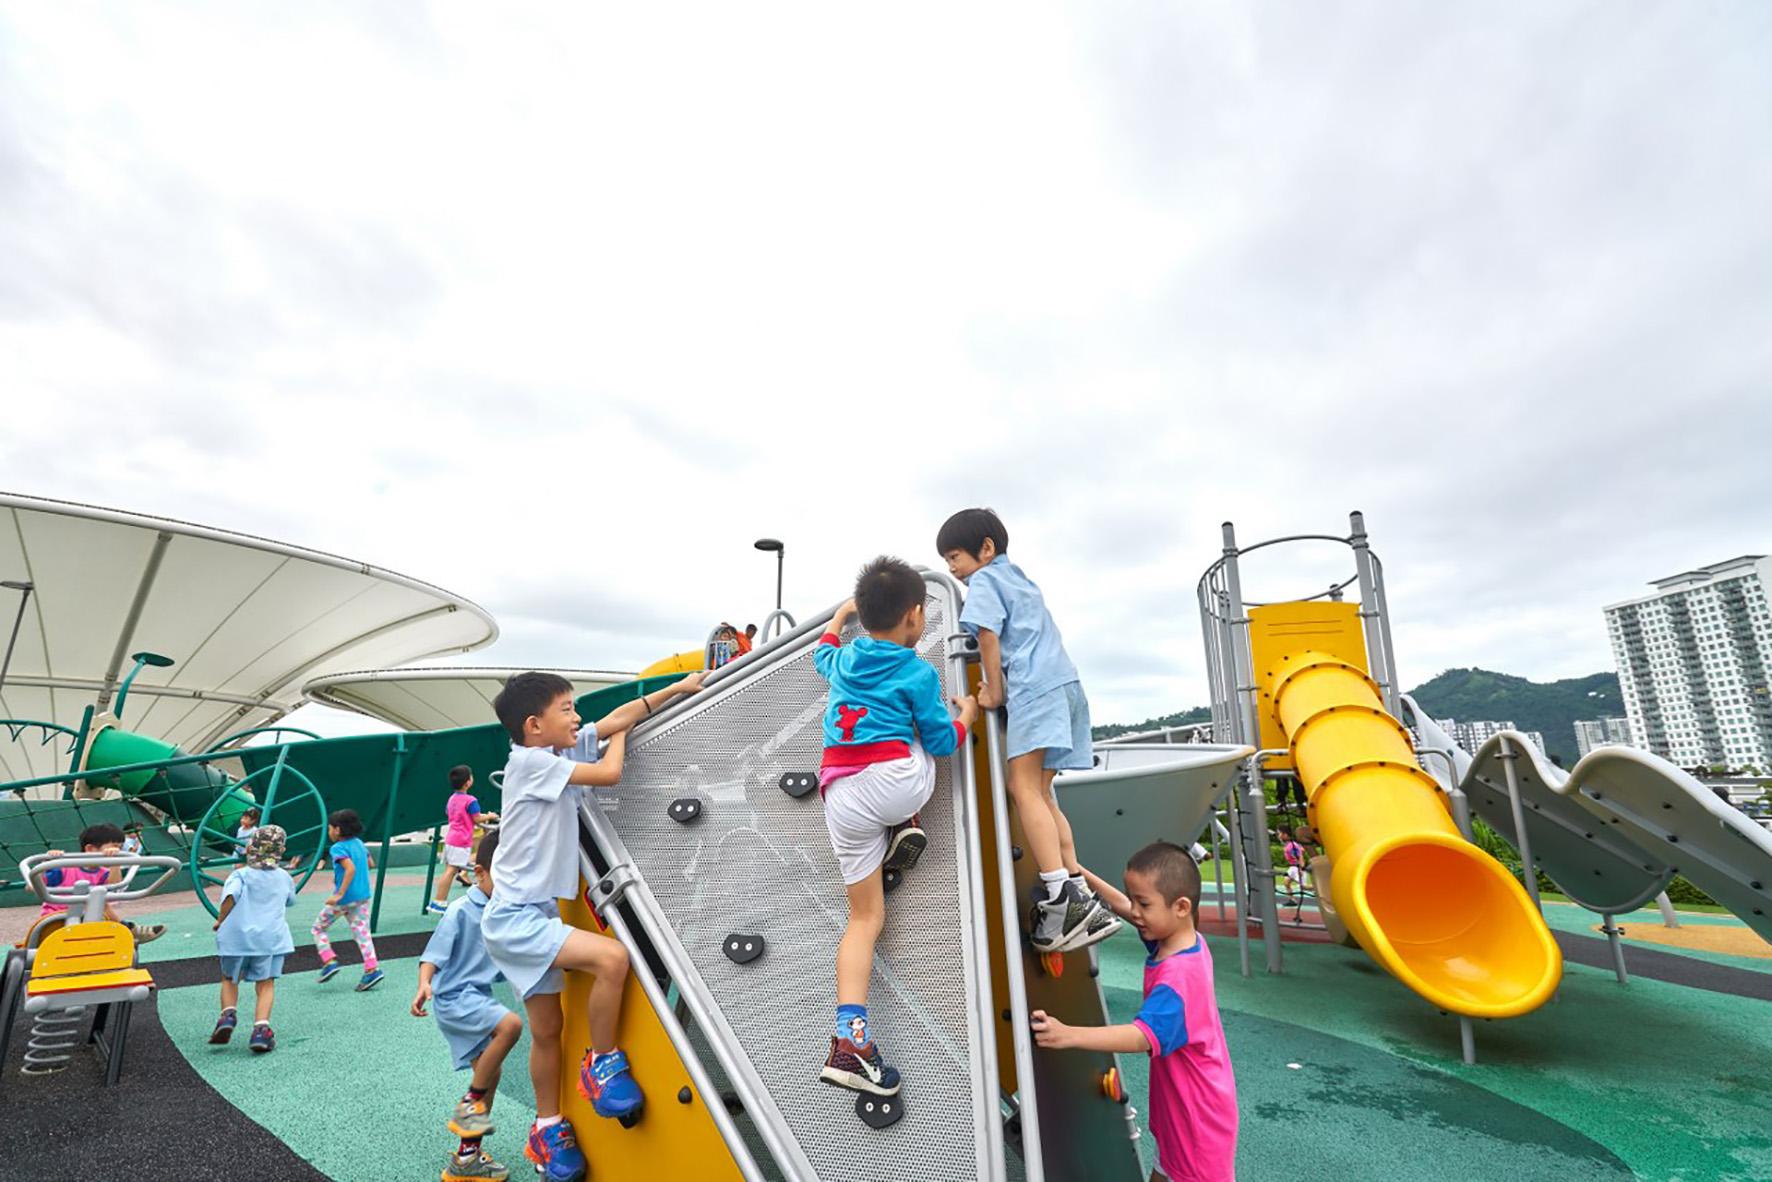 Setia SPICE会议中心有一座天台公园,这里设有大型的特殊需要儿童游戏场。